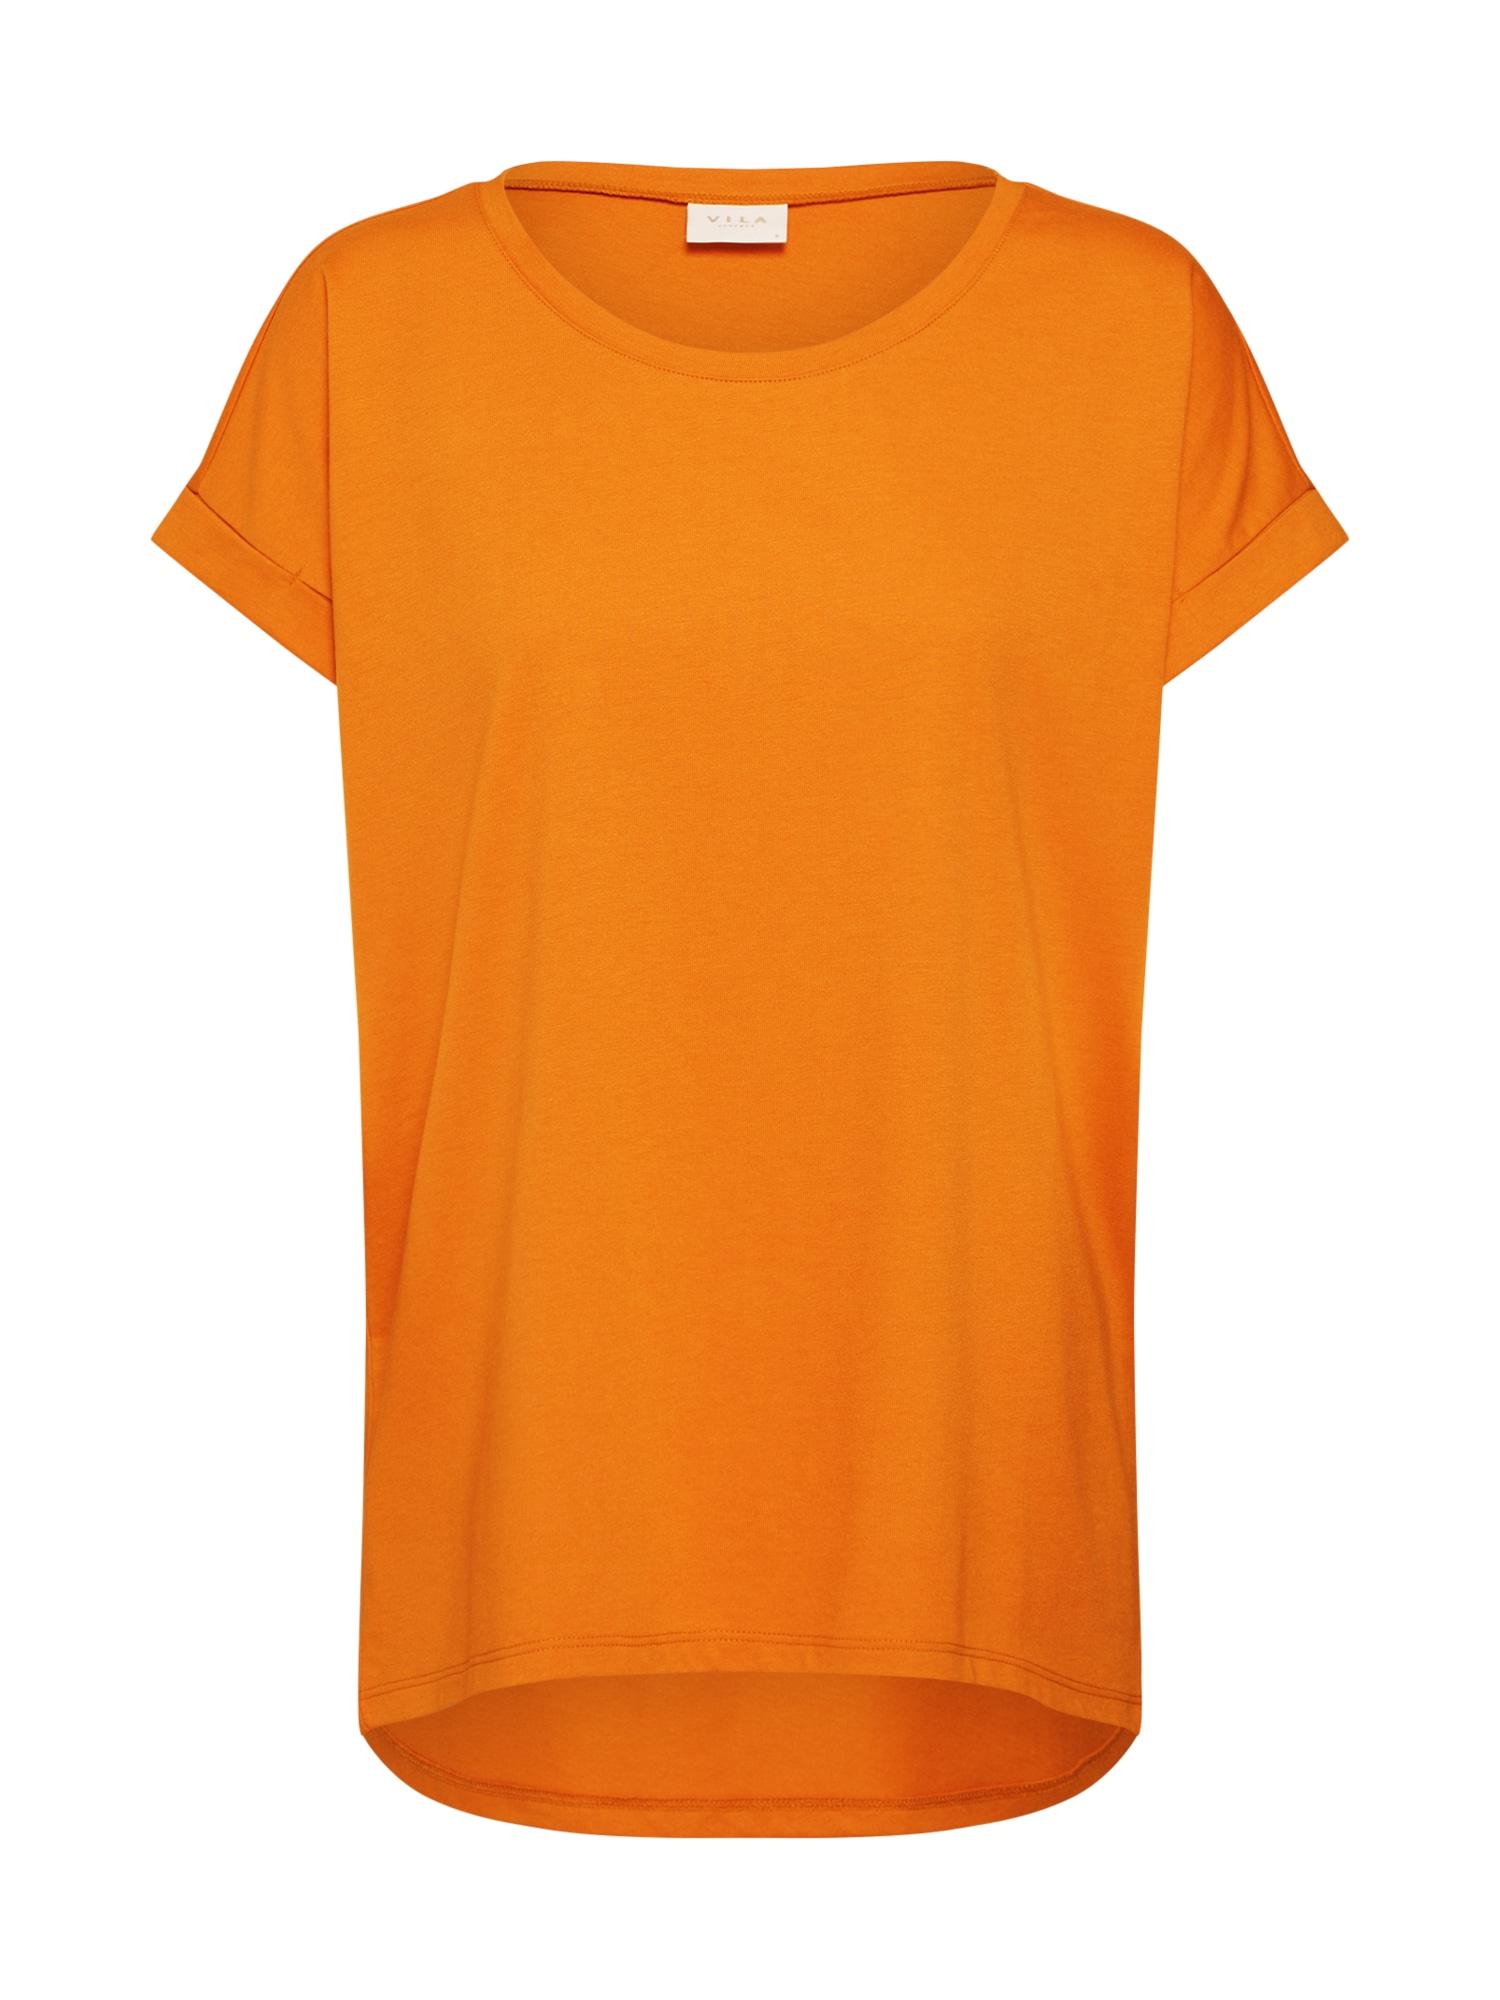 Tričko Dreamers tmavě žlutá VILA